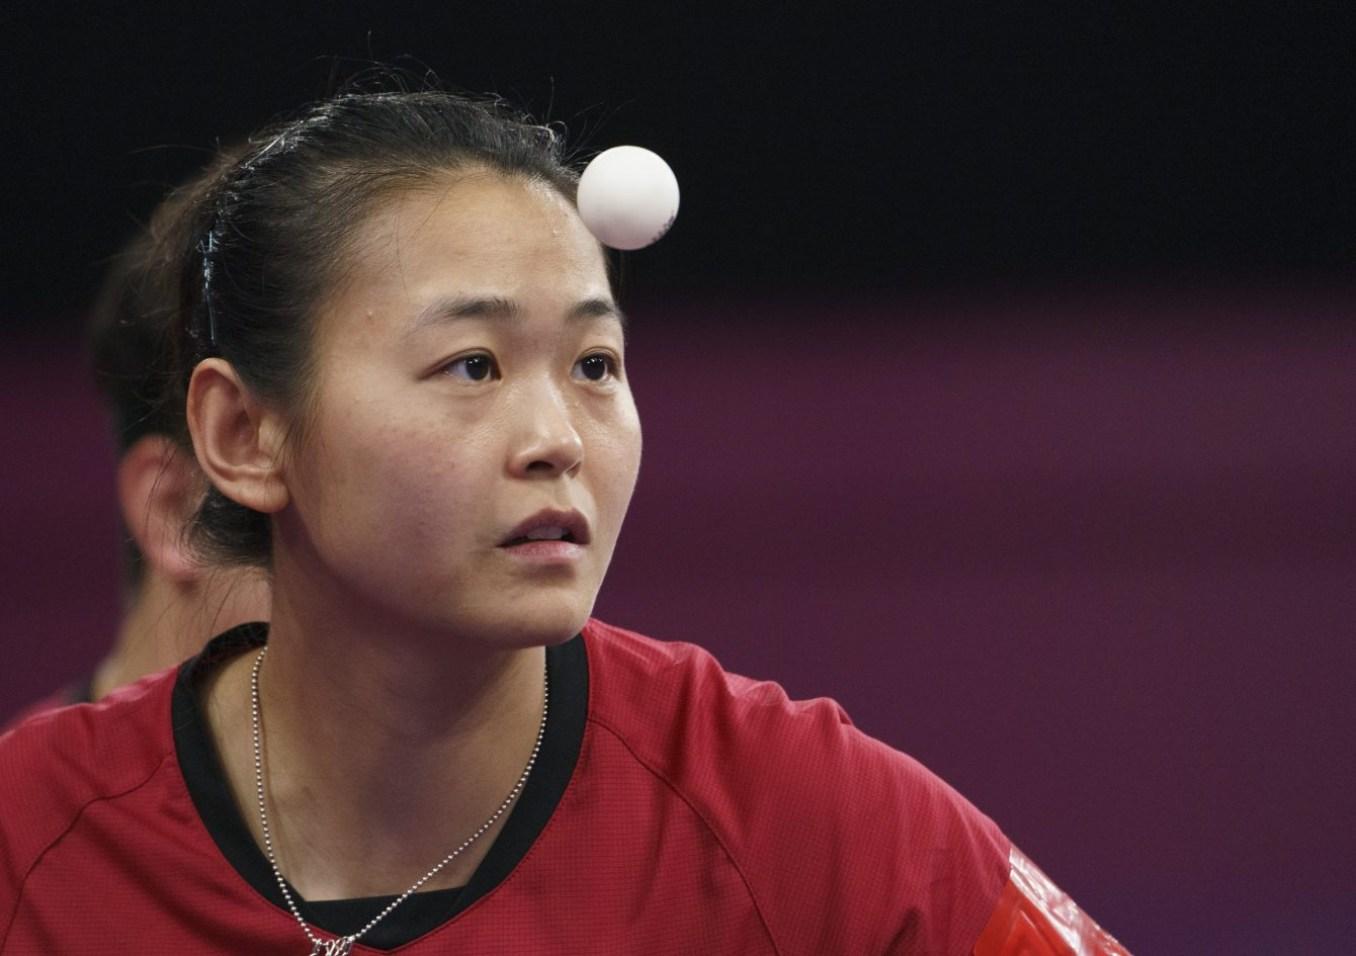 Une joueuse de tennis de table en action